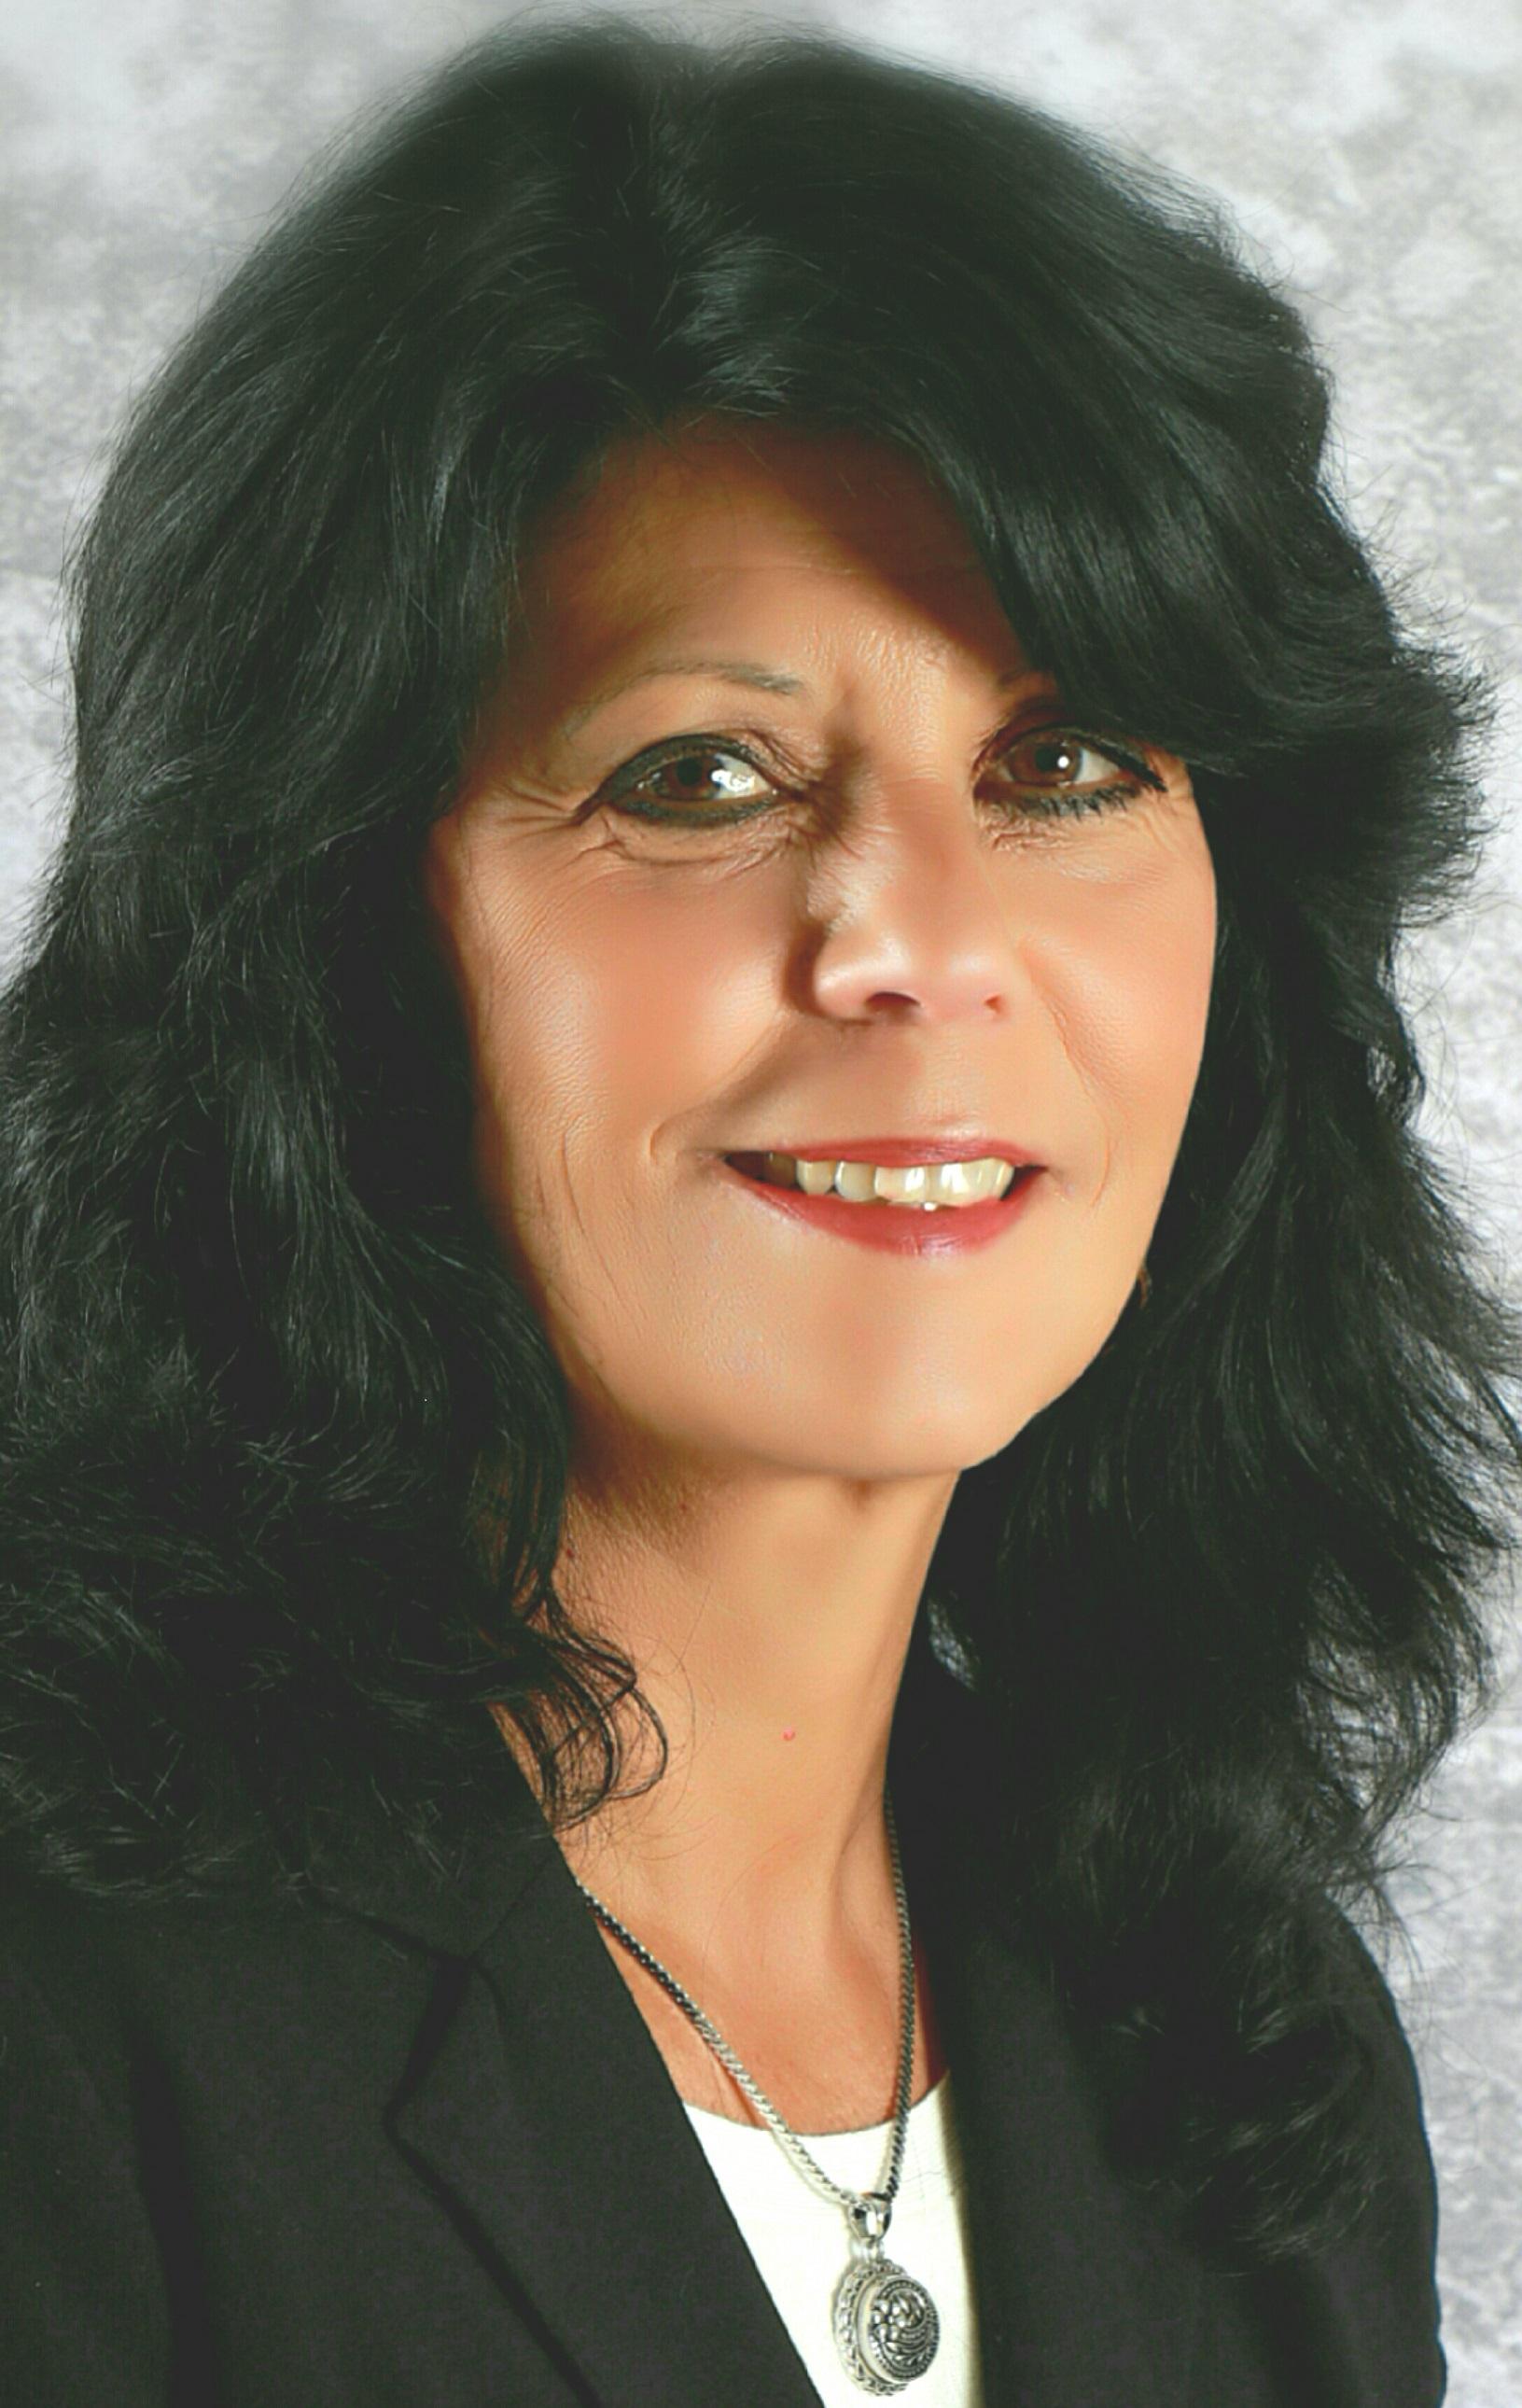 Lidia Villiez